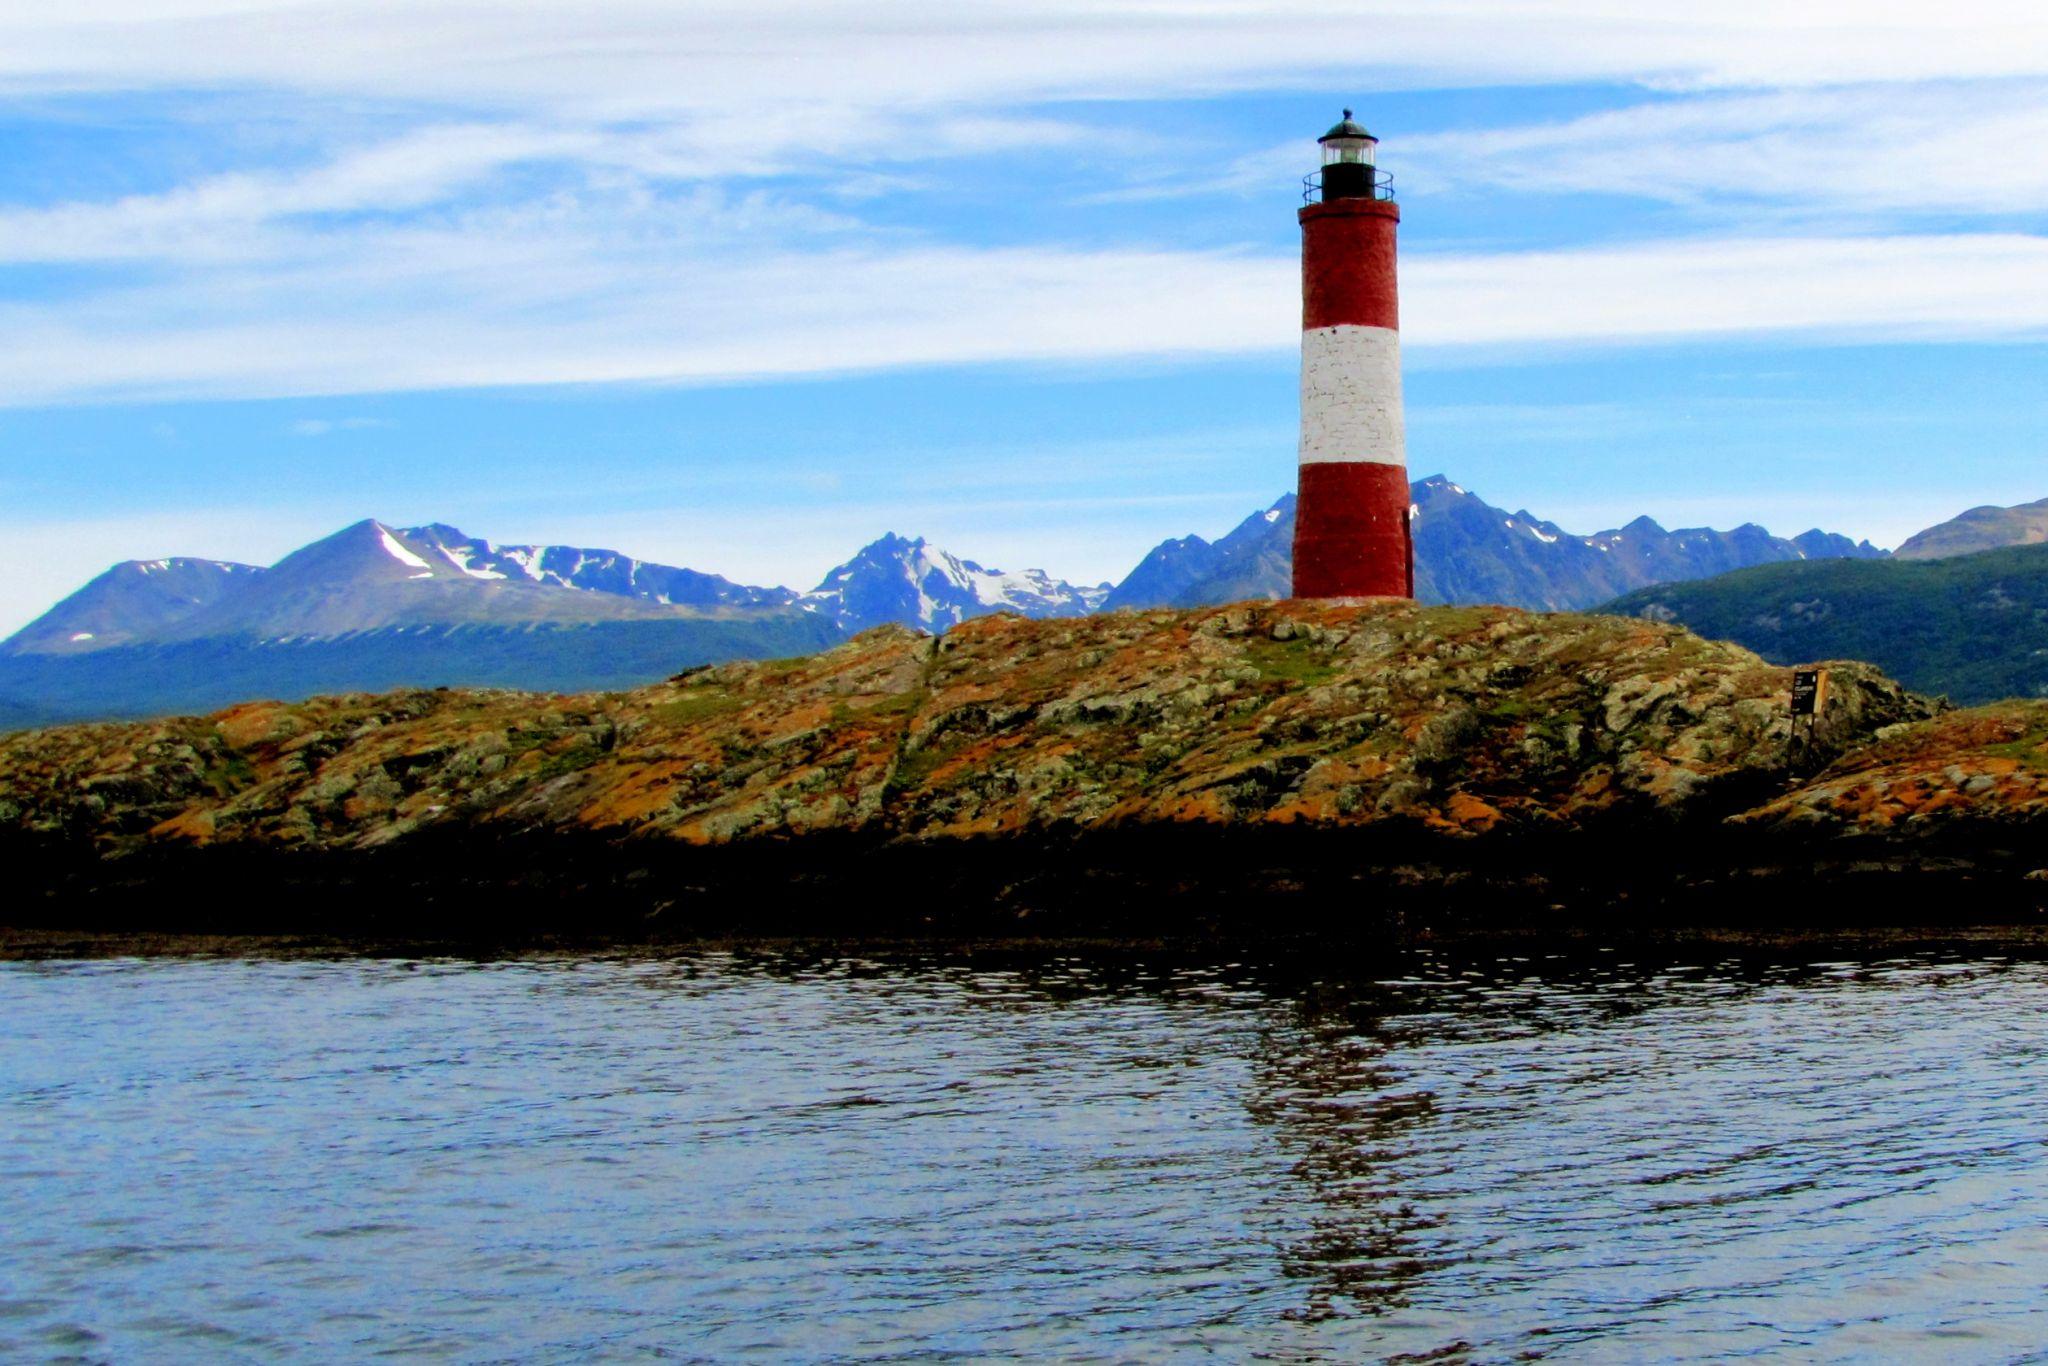 Les Éclaireurs Lighthouse, Ushuaia, Argentina